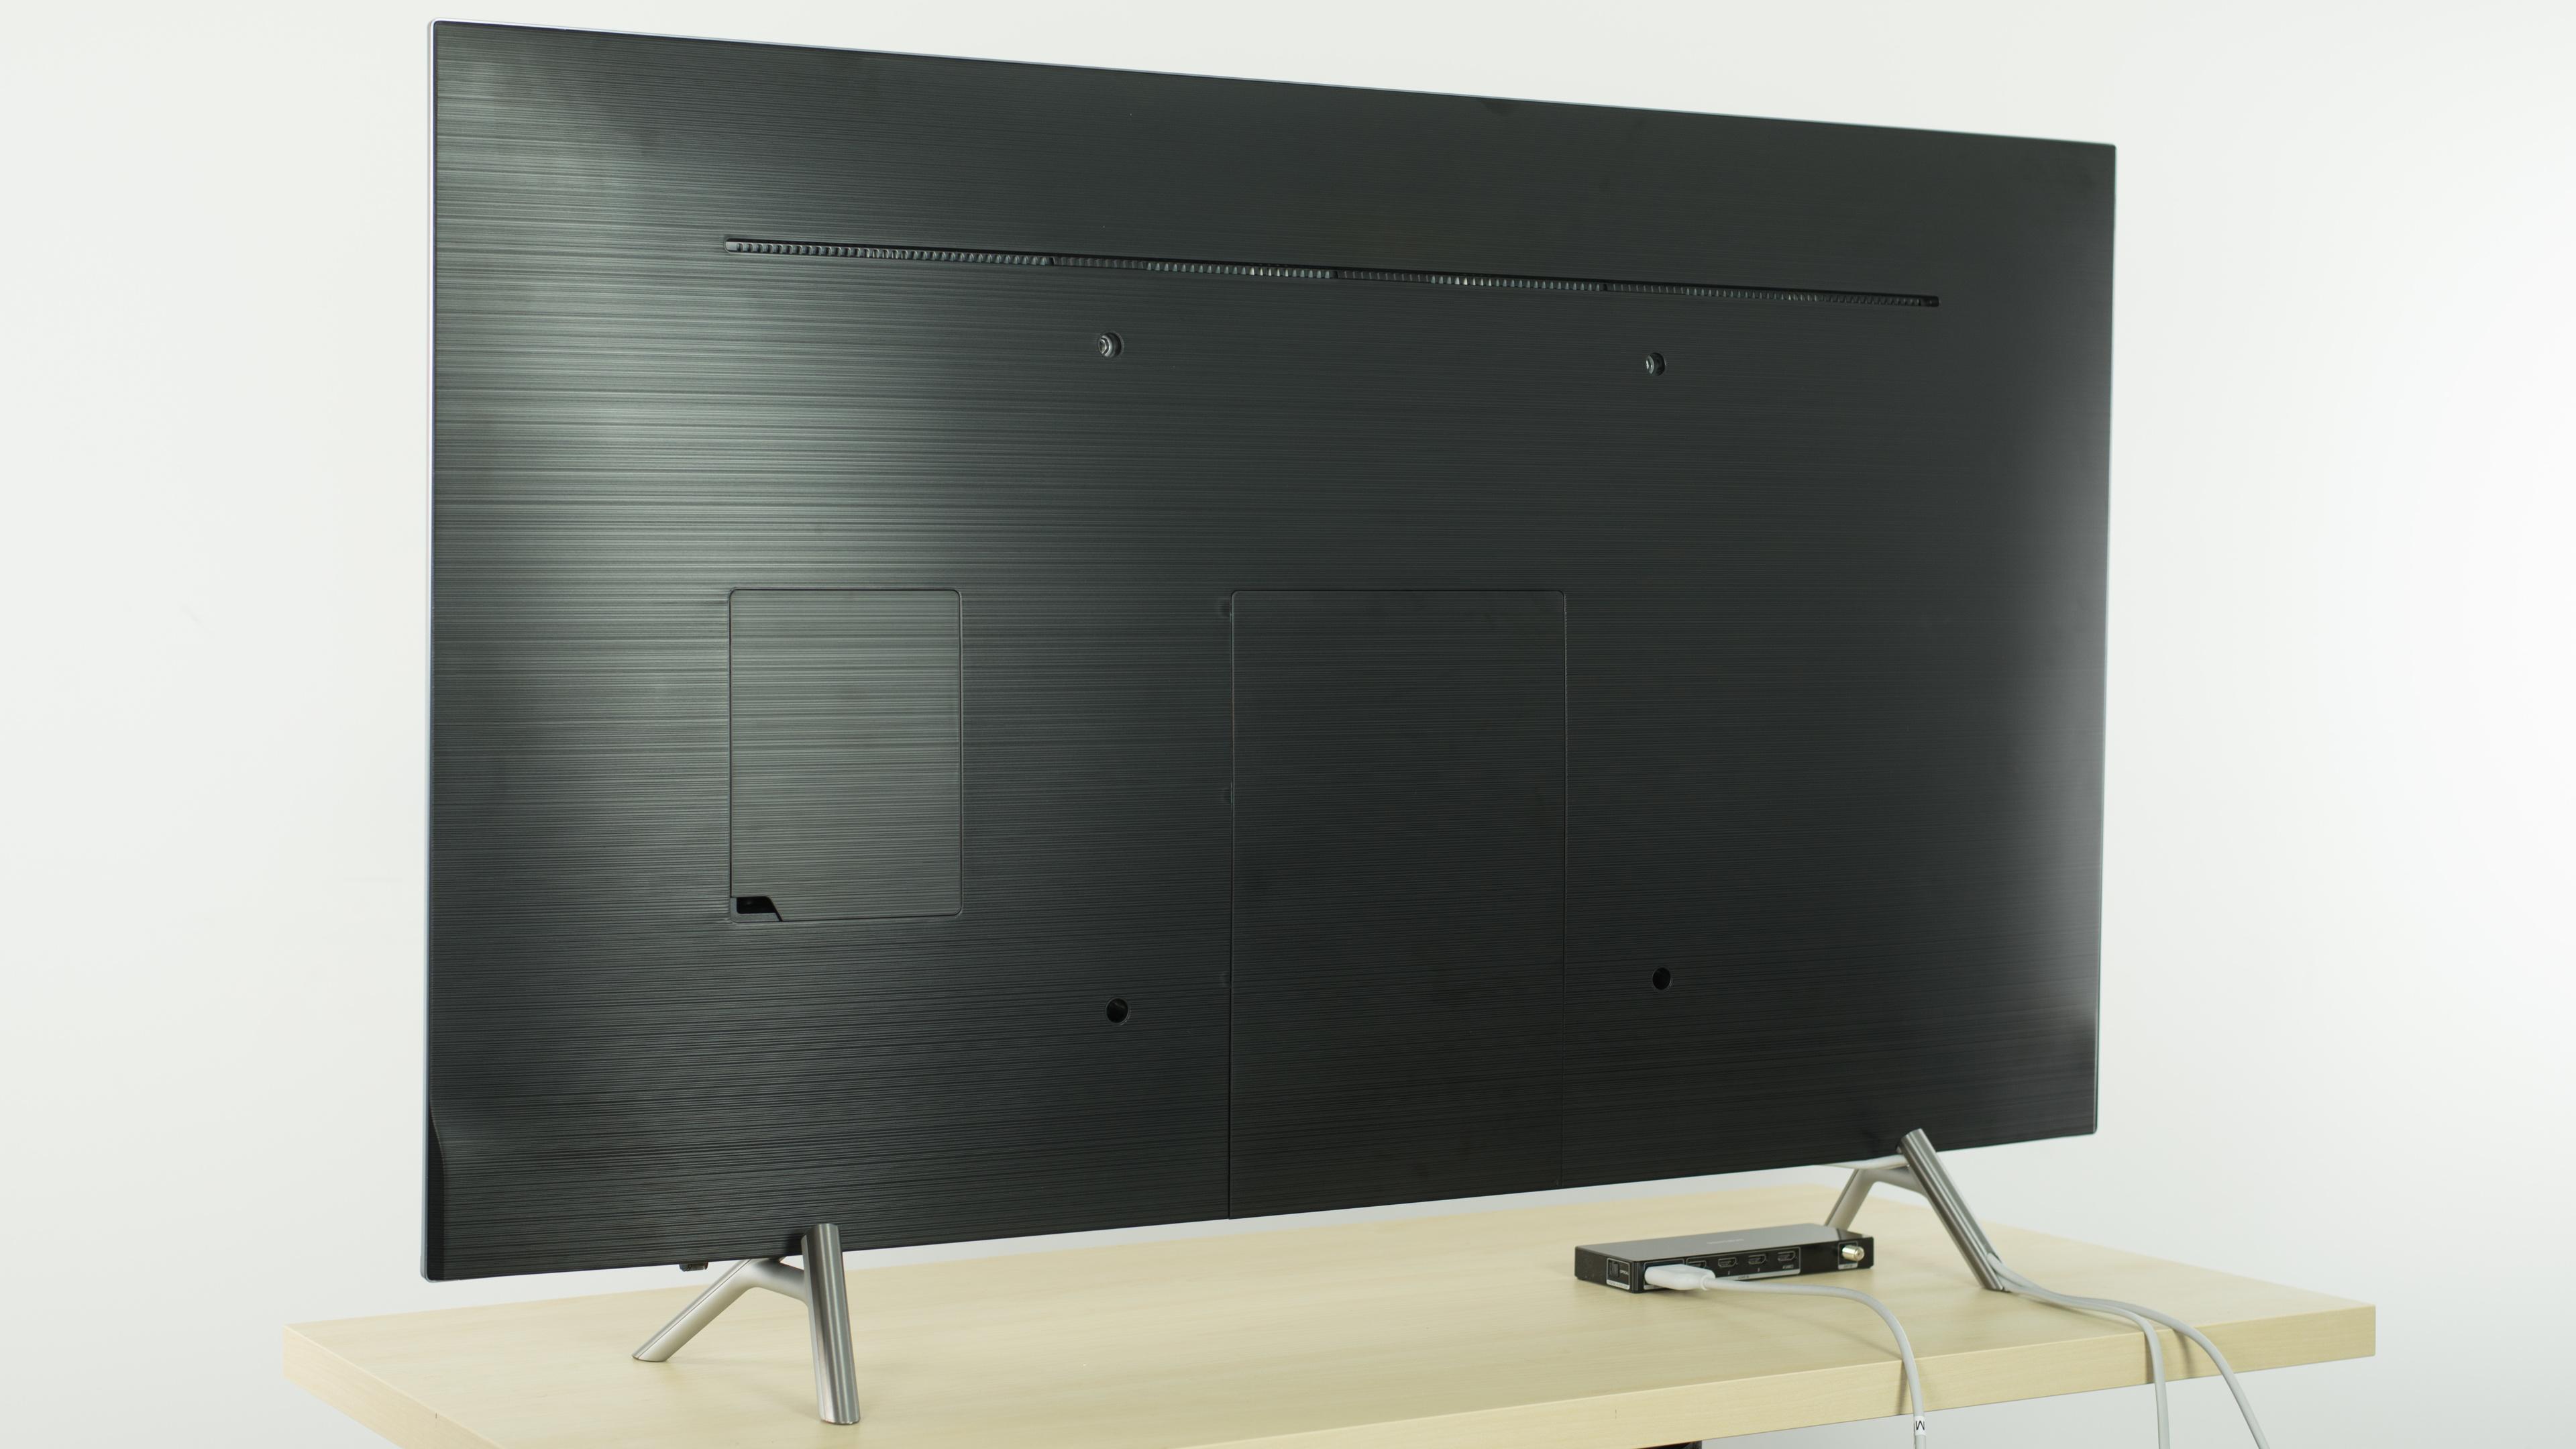 Samsung Mu8000 Review Un49mu8000 Un55mu8000 Un65mu8000